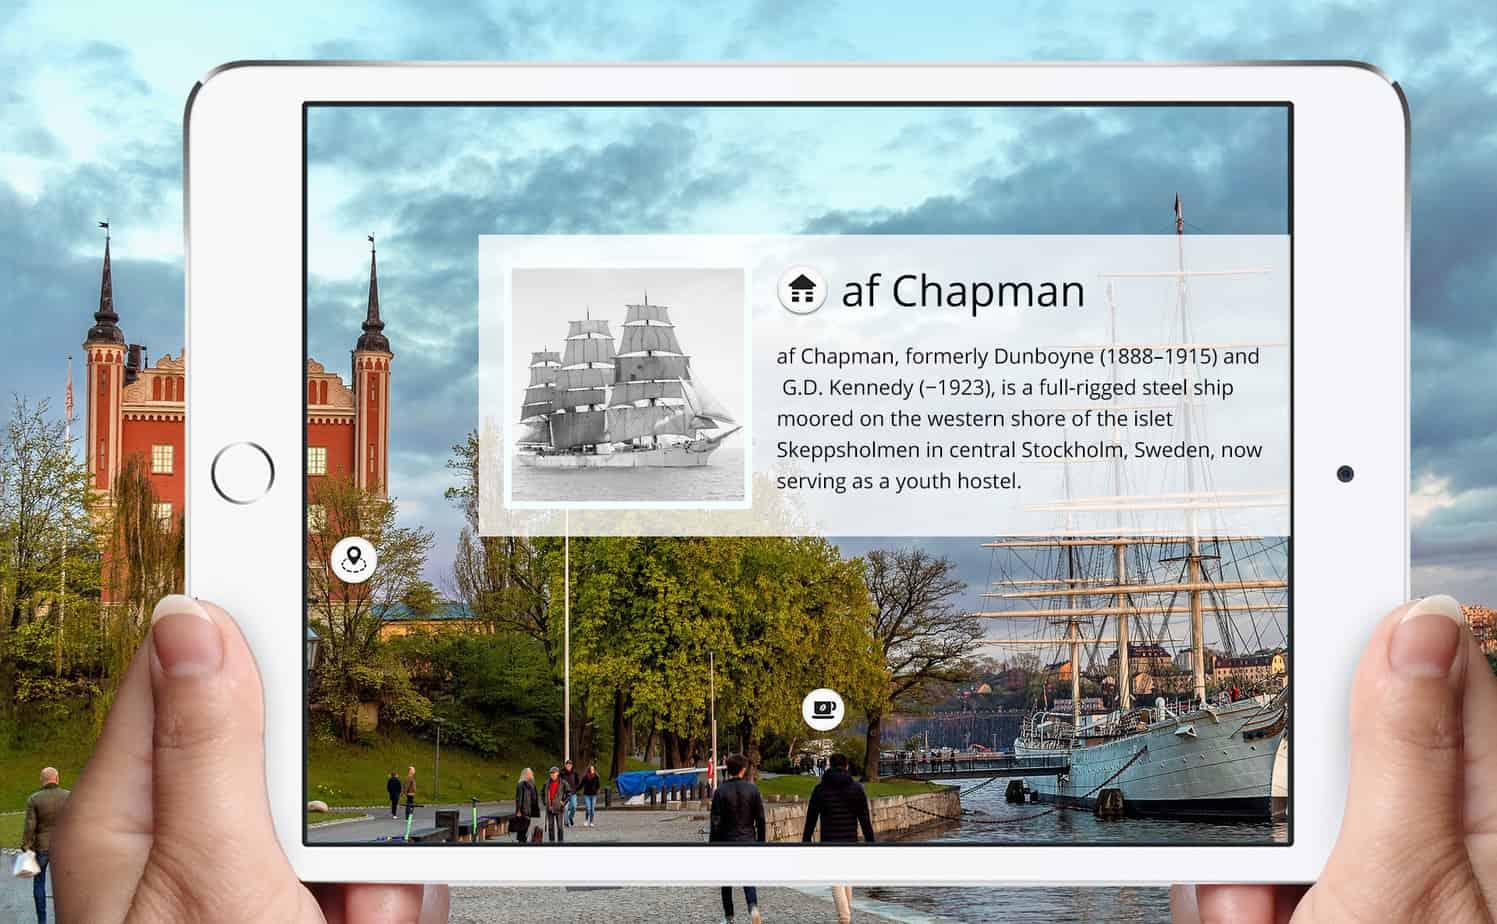 Vandrarhemsbåten af Chapman syns i fönstret på en iPad med ett digitalt lager bild och text ovanpå.